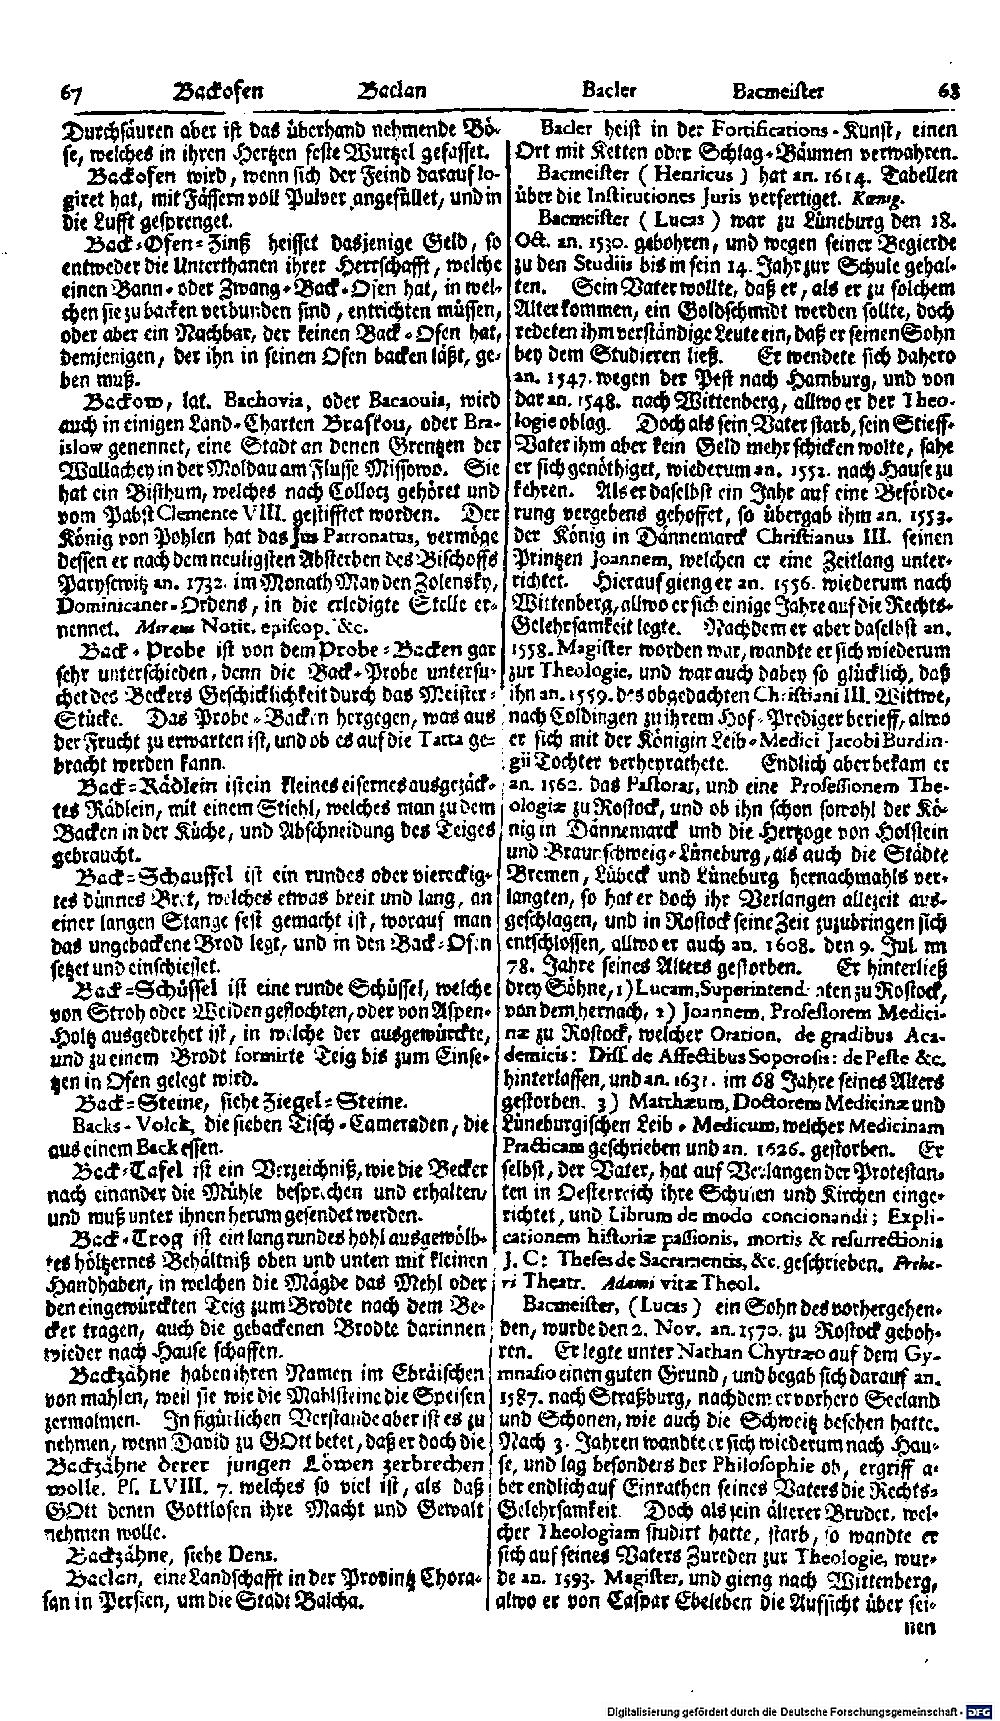 Bd. 3, Seite 0049.